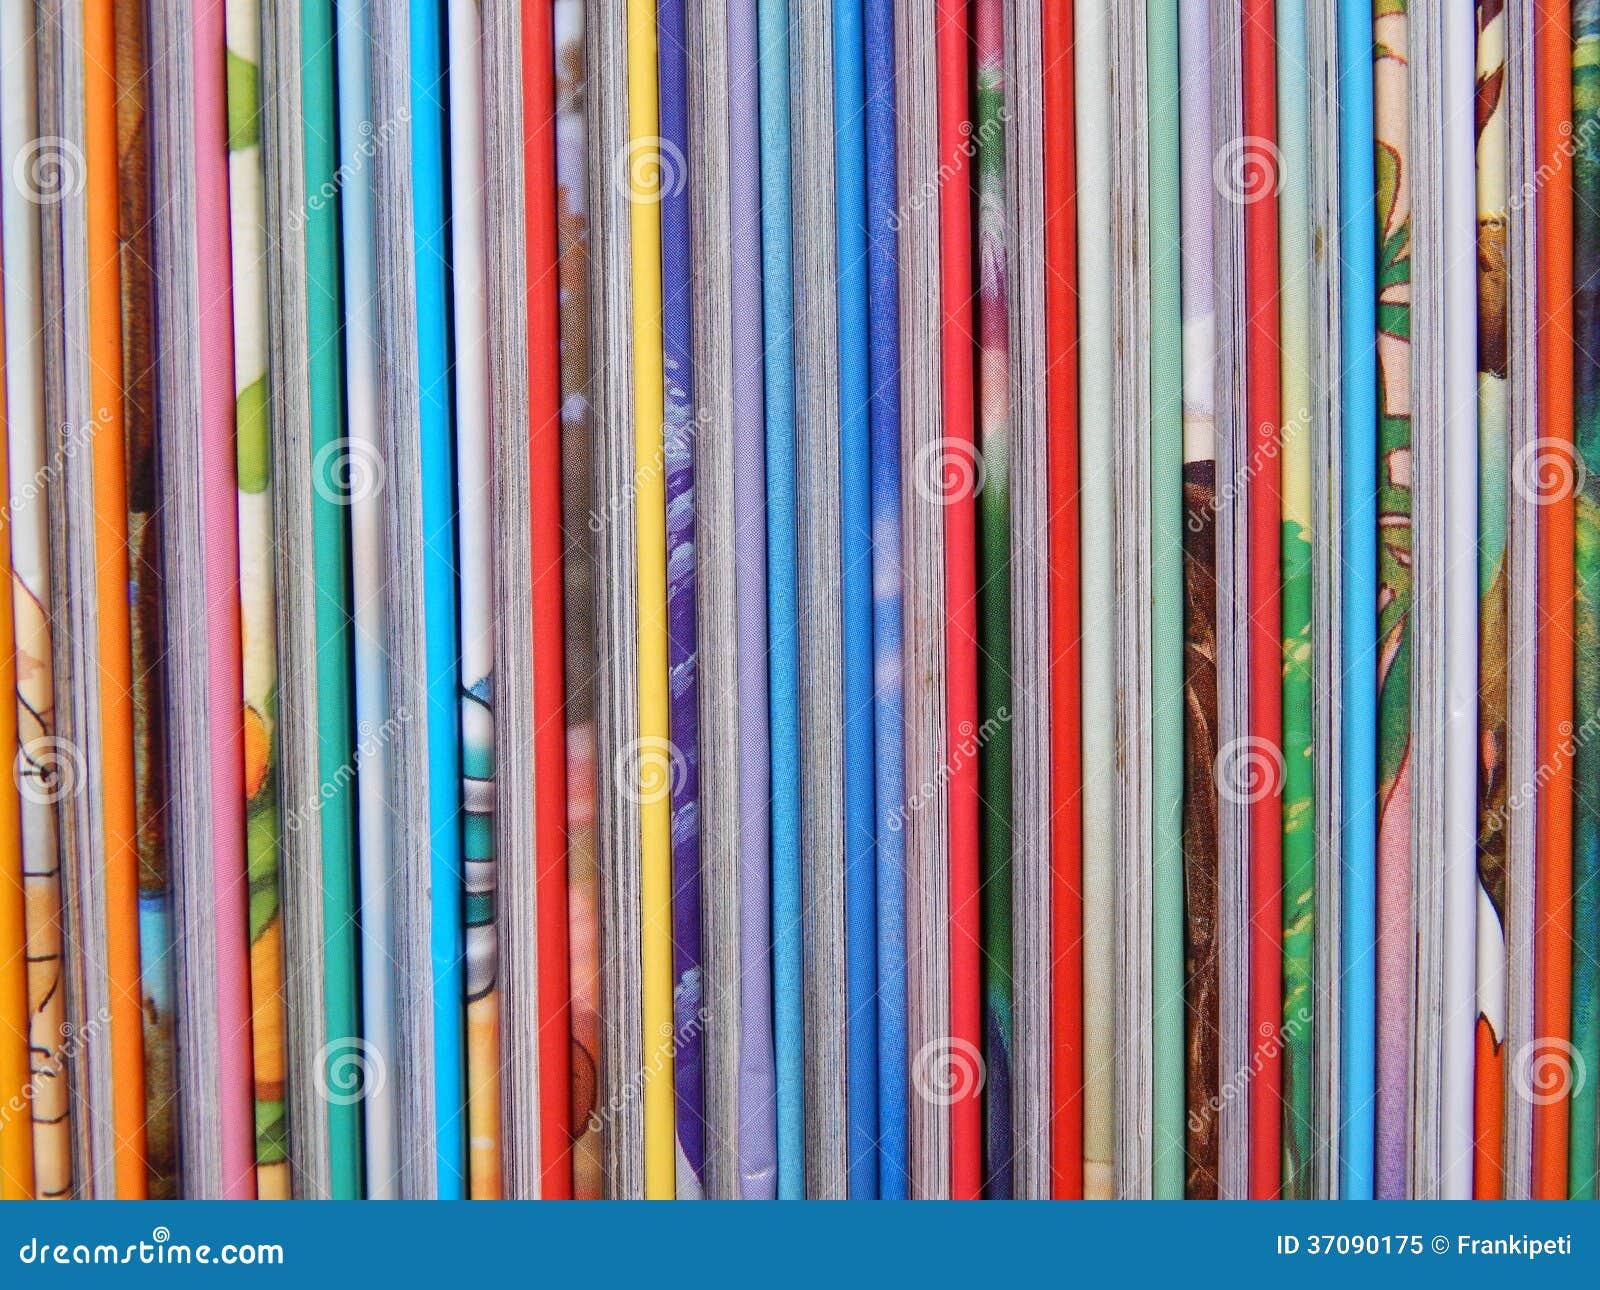 Download Kolorowe książki obraz stock. Obraz złożonej z błękitny - 37090175